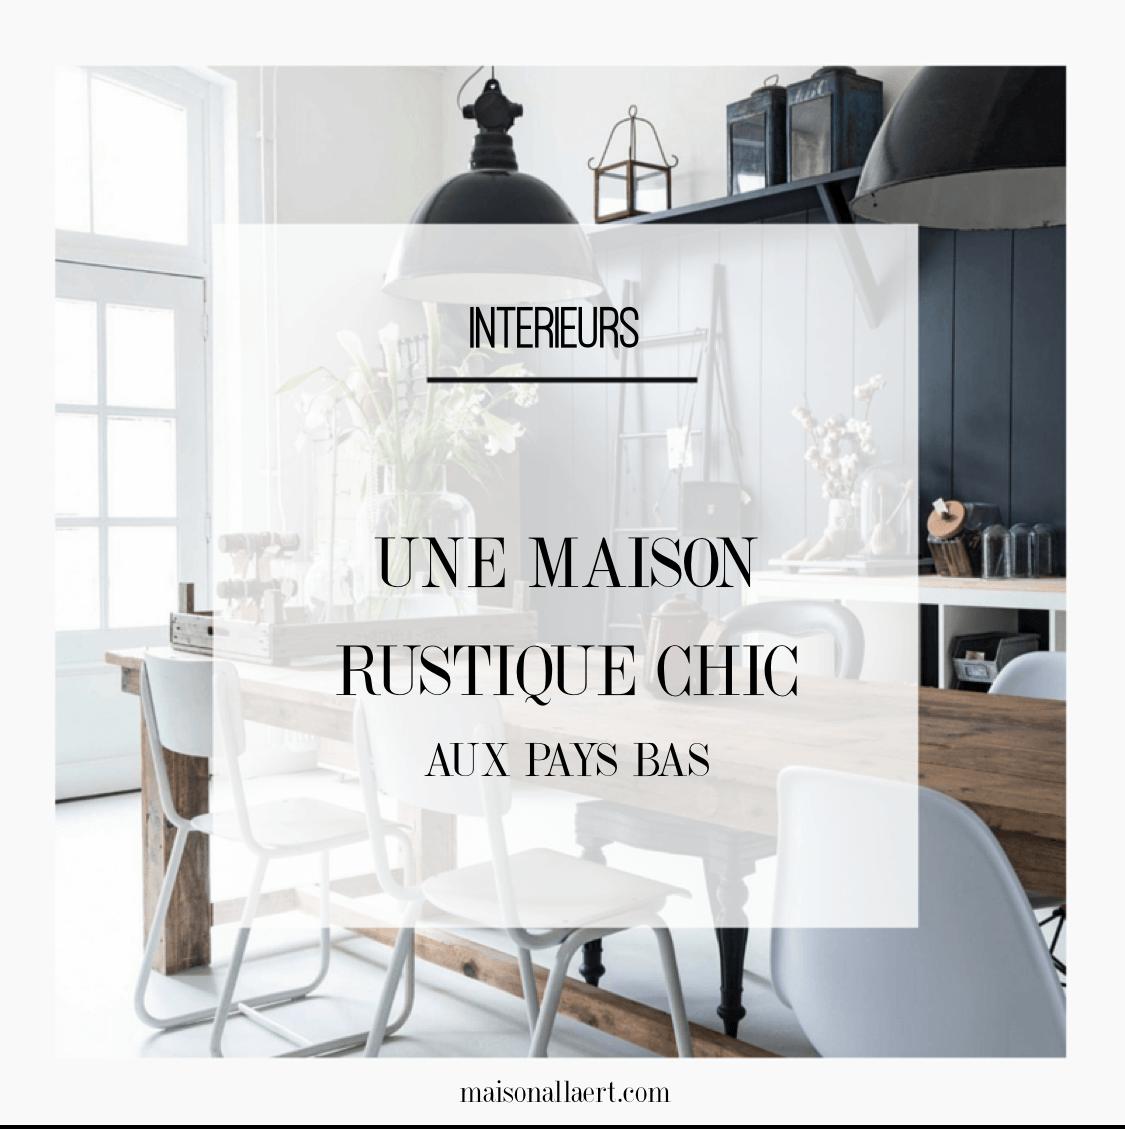 d couvrez une magnifique maison rustique chic aux pays bas un style authentique tout en. Black Bedroom Furniture Sets. Home Design Ideas